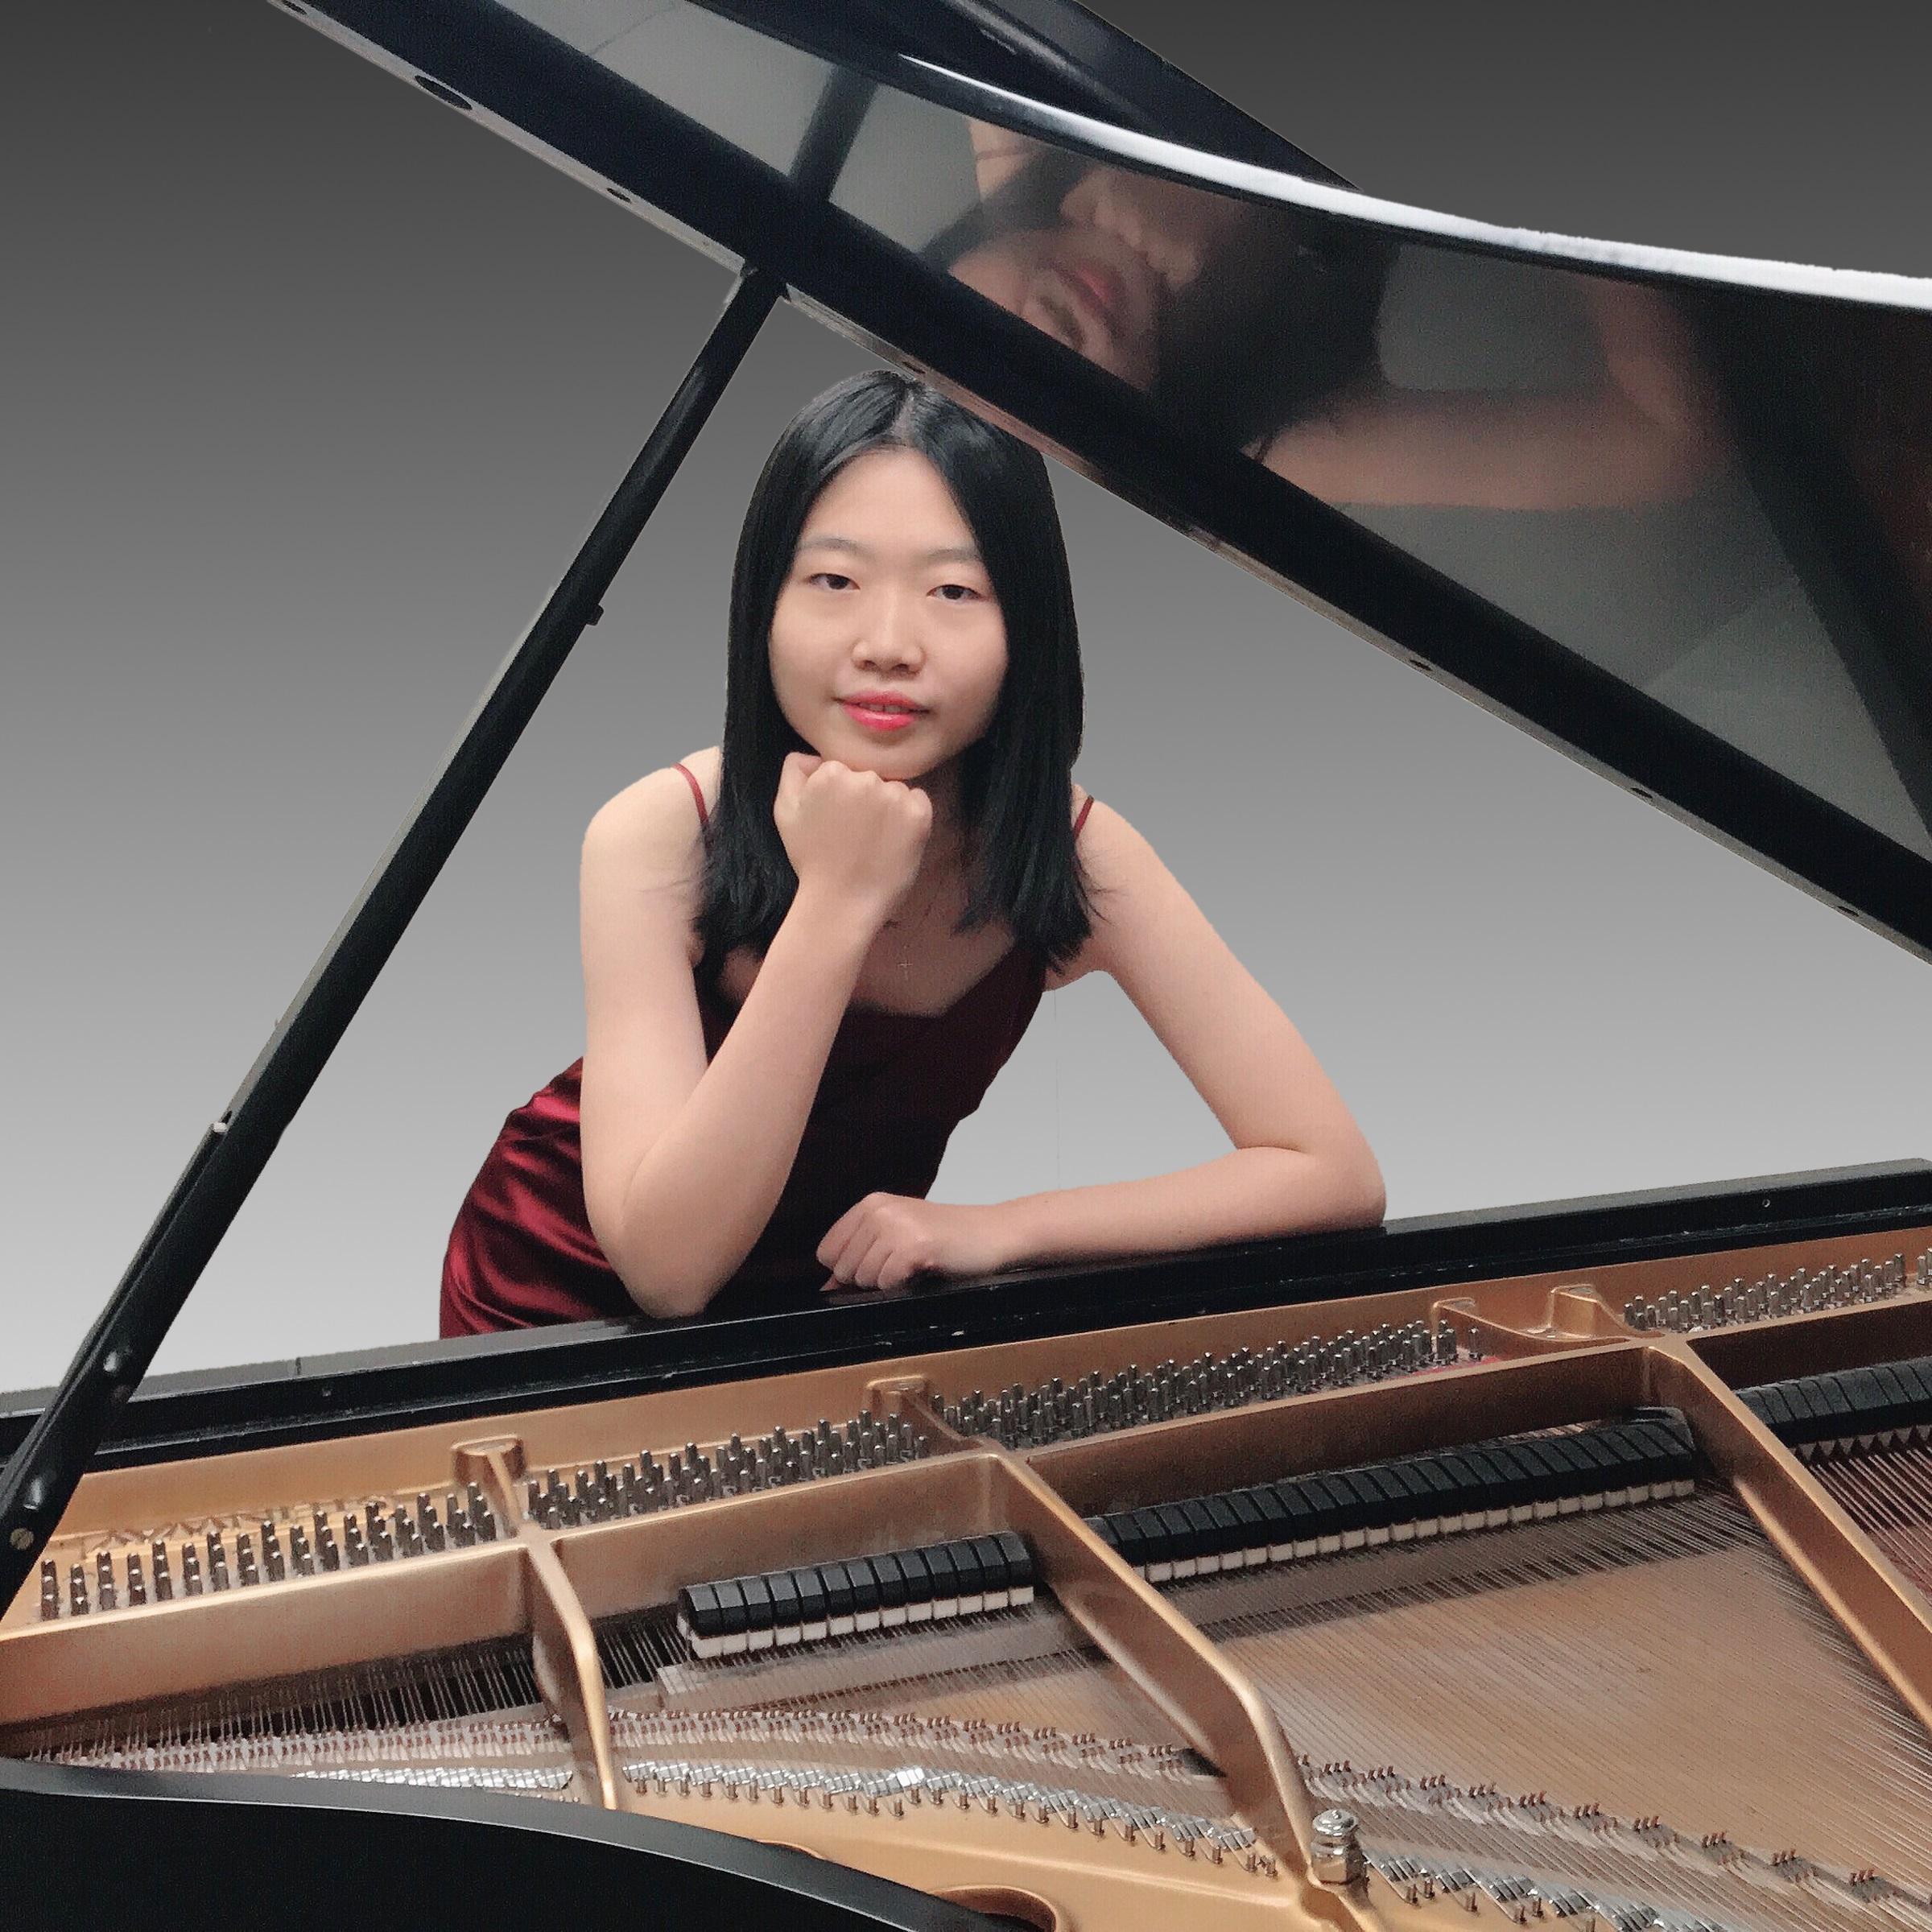 De talentvolle Chinese pianiste Yidi Jiao speelt een sonate van Schubert. (foto Sining Liu)